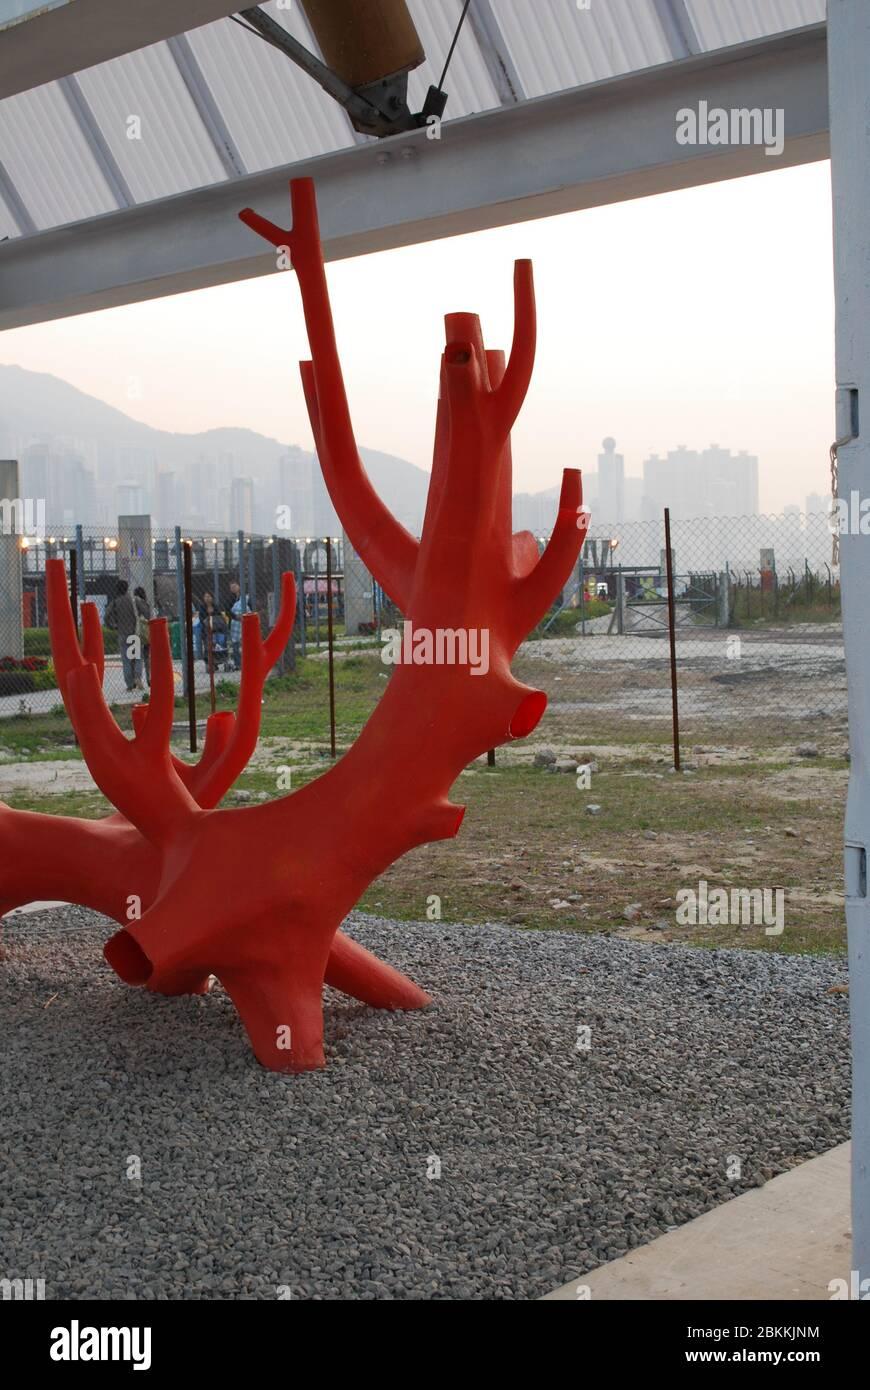 Hong Kong Shenzhen Architecture Biennale 2009 Biennale bi-ville de l'Urbanisme Architecture à Shenzhen, Chine Designers Artists Festival Banque D'Images